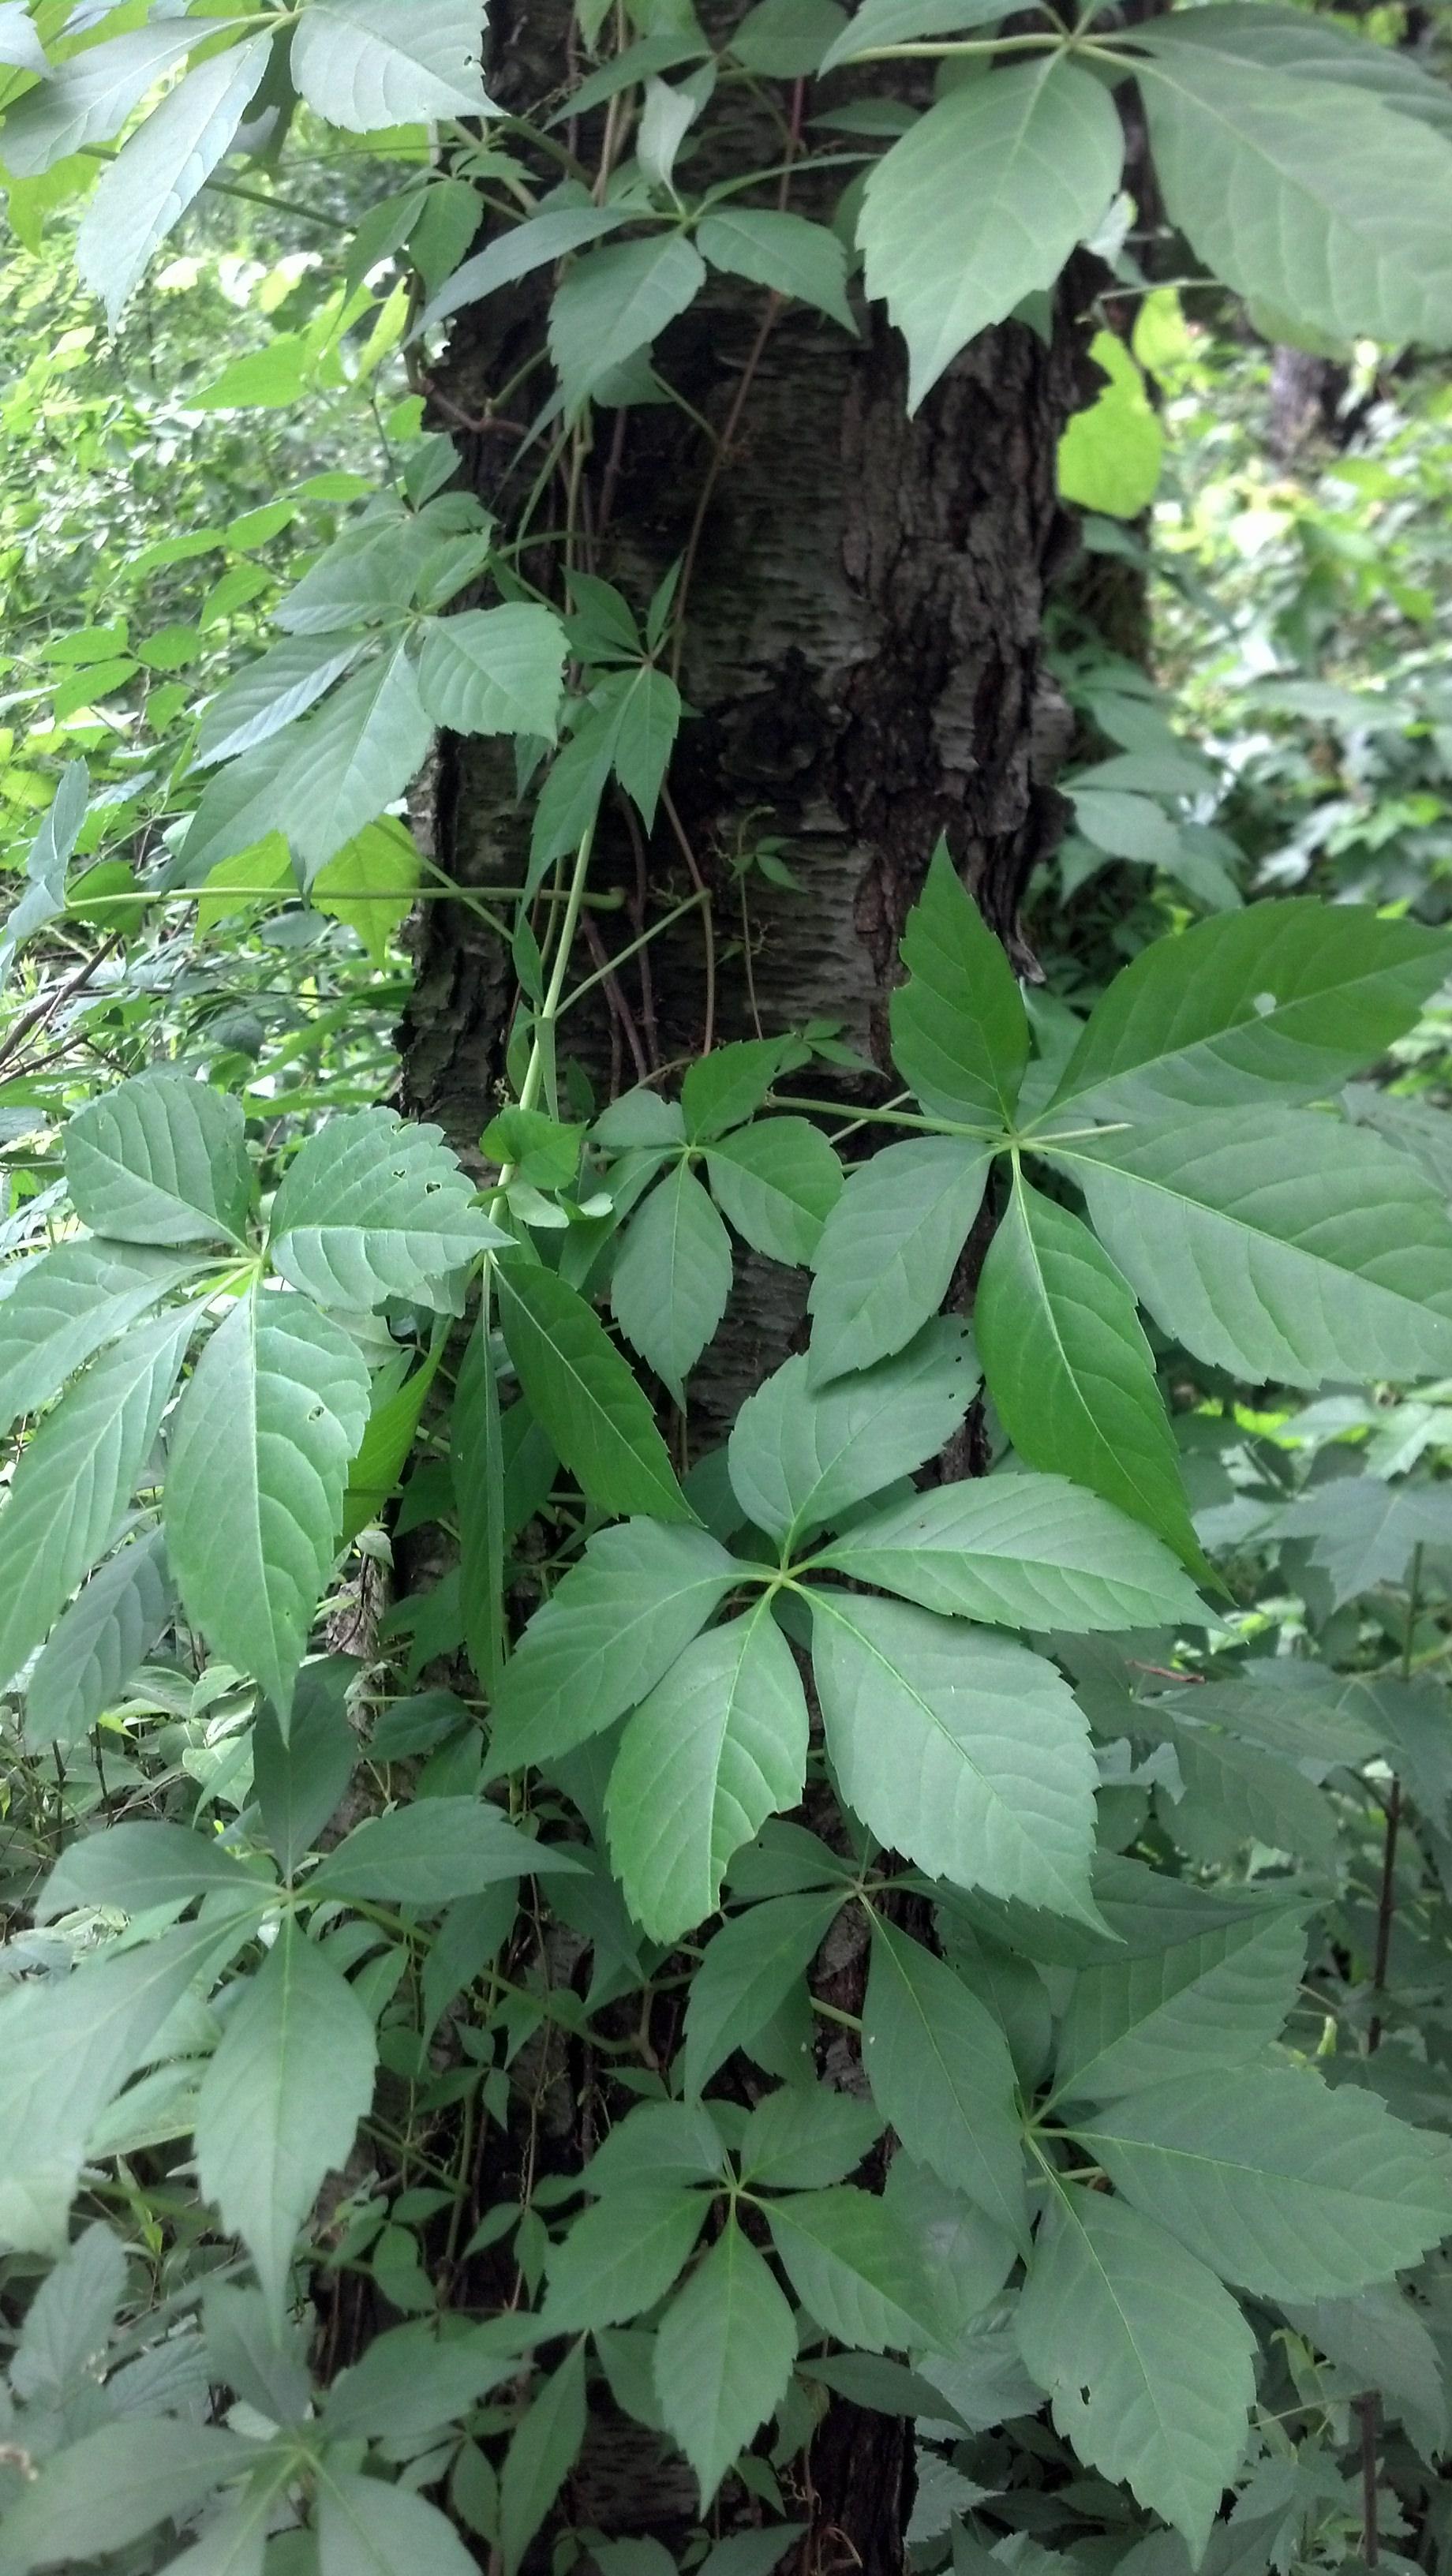 Parthenocissus quinquefolia Vitaceae